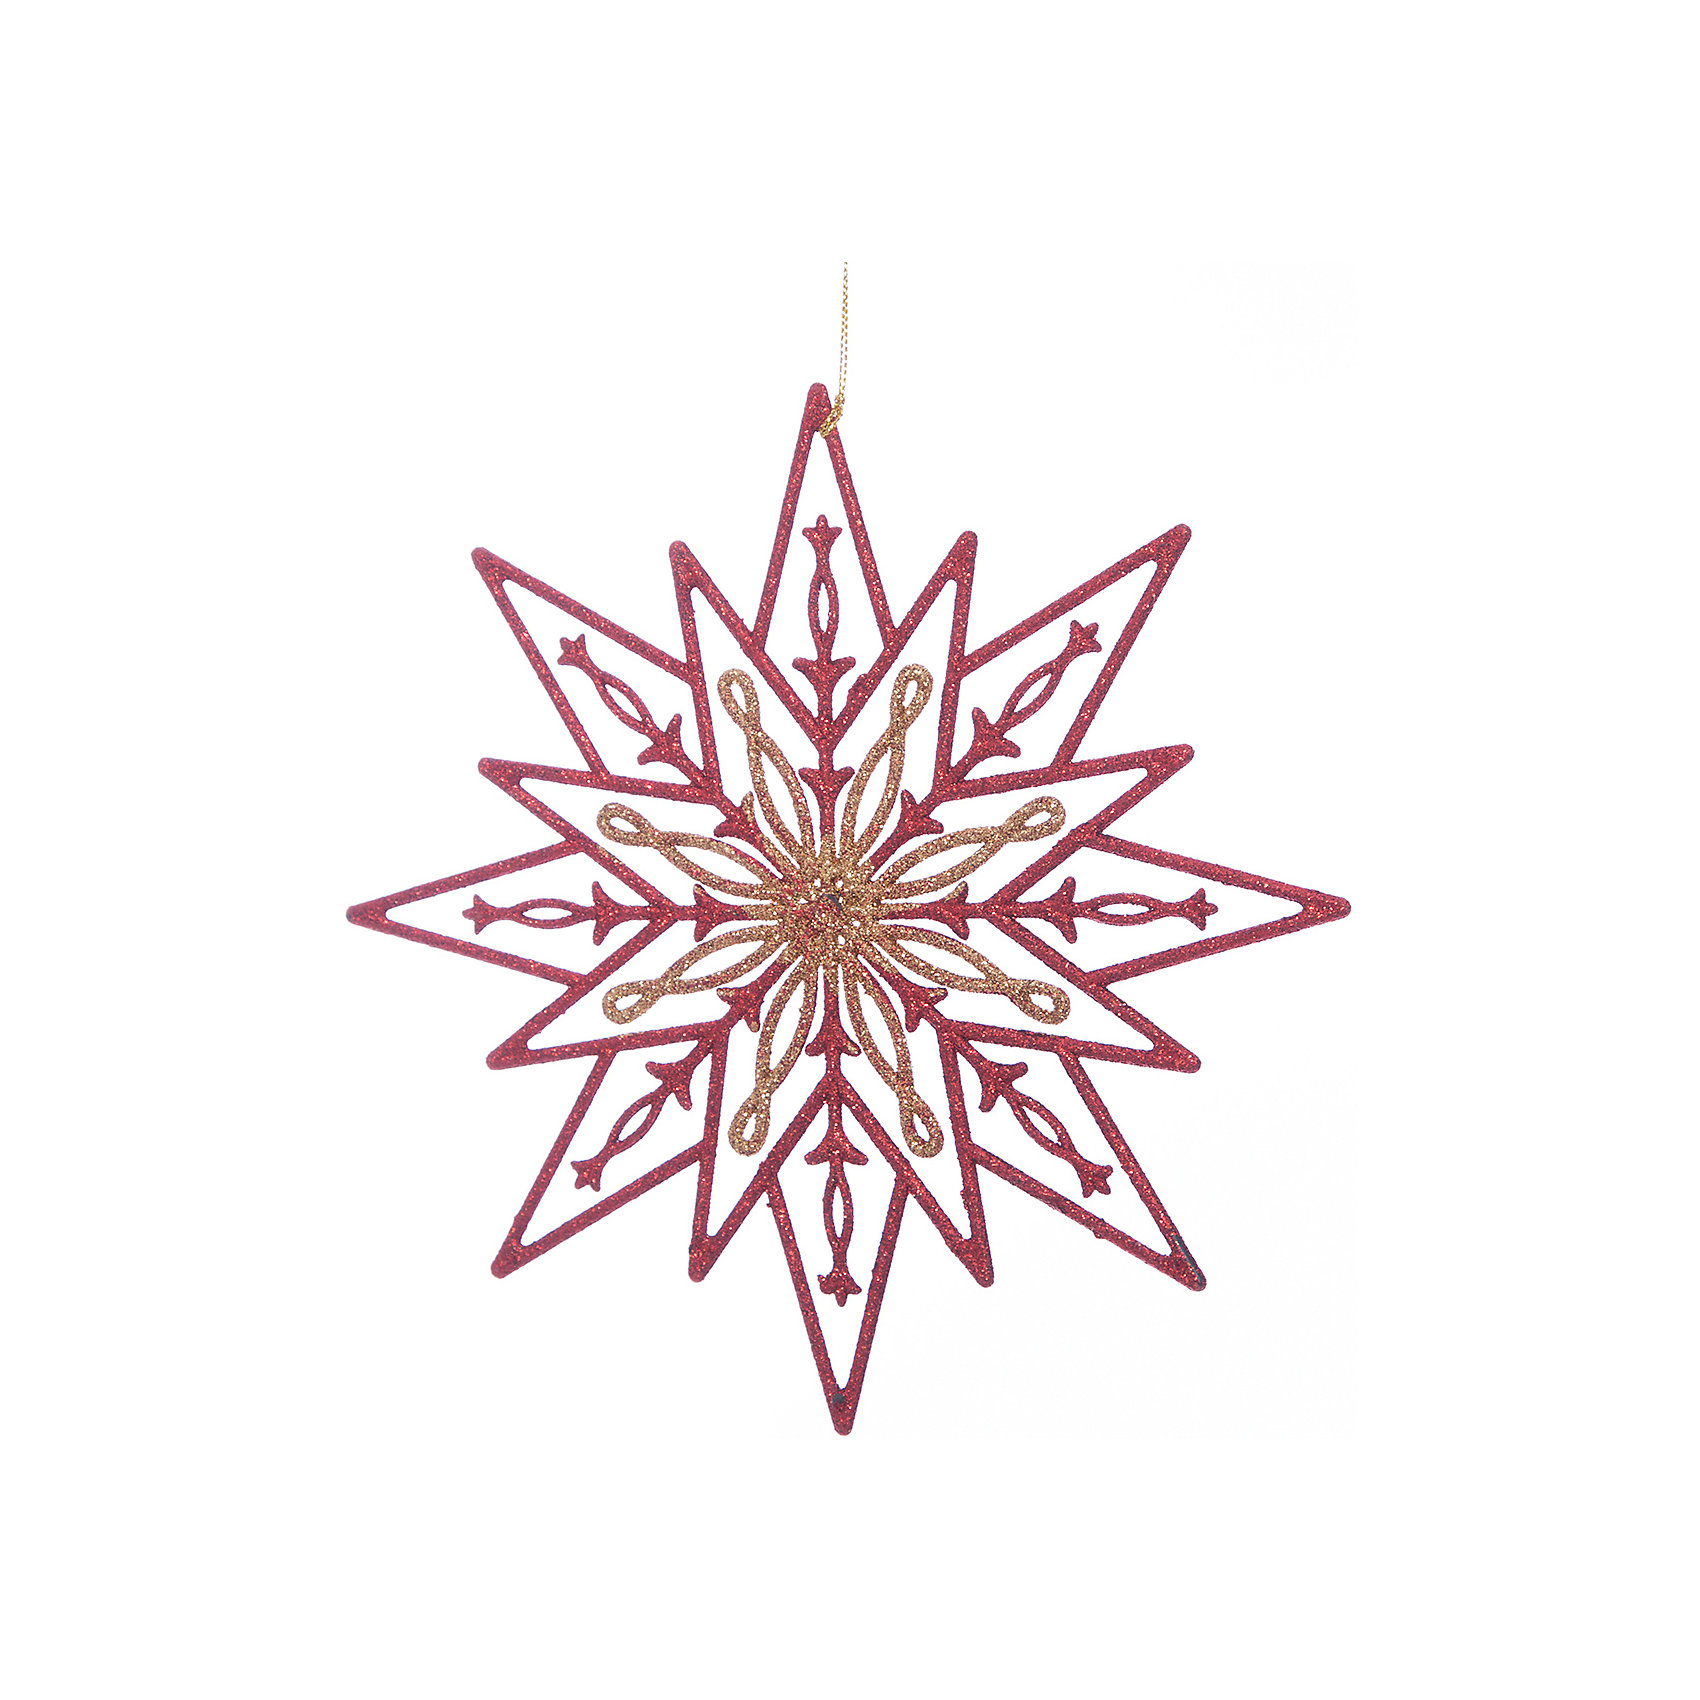 Украшение Золотая с красным снежинкаНовый год - самый любимый праздник у многих детей и взрослых. Праздничное настроение создает в первую очередь украшенный дом и, особенно, наряженная ёлка. Будь она из леса или искусственная - такая подвесная игрушка украсит любую!<br>Она сделана из безопасного для детей, прочного, но легкого, материала, поэтому не разобьется, упав на пол. Благодаря расцветке украшение отлично смотрится на ёлке. Создайте с ним праздничное настроение себе и близким!<br><br>Дополнительная информация:<br><br>цвет: красный, золотой;<br>материал: полипропилен;<br>размер: 24 см.<br><br>Украшение Золотая с красным снежинка можно купить в нашем магазине.<br><br>Ширина мм: 240<br>Глубина мм: 120<br>Высота мм: 60<br>Вес г: 280<br>Возраст от месяцев: 36<br>Возраст до месяцев: 2147483647<br>Пол: Унисекс<br>Возраст: Детский<br>SKU: 4981342